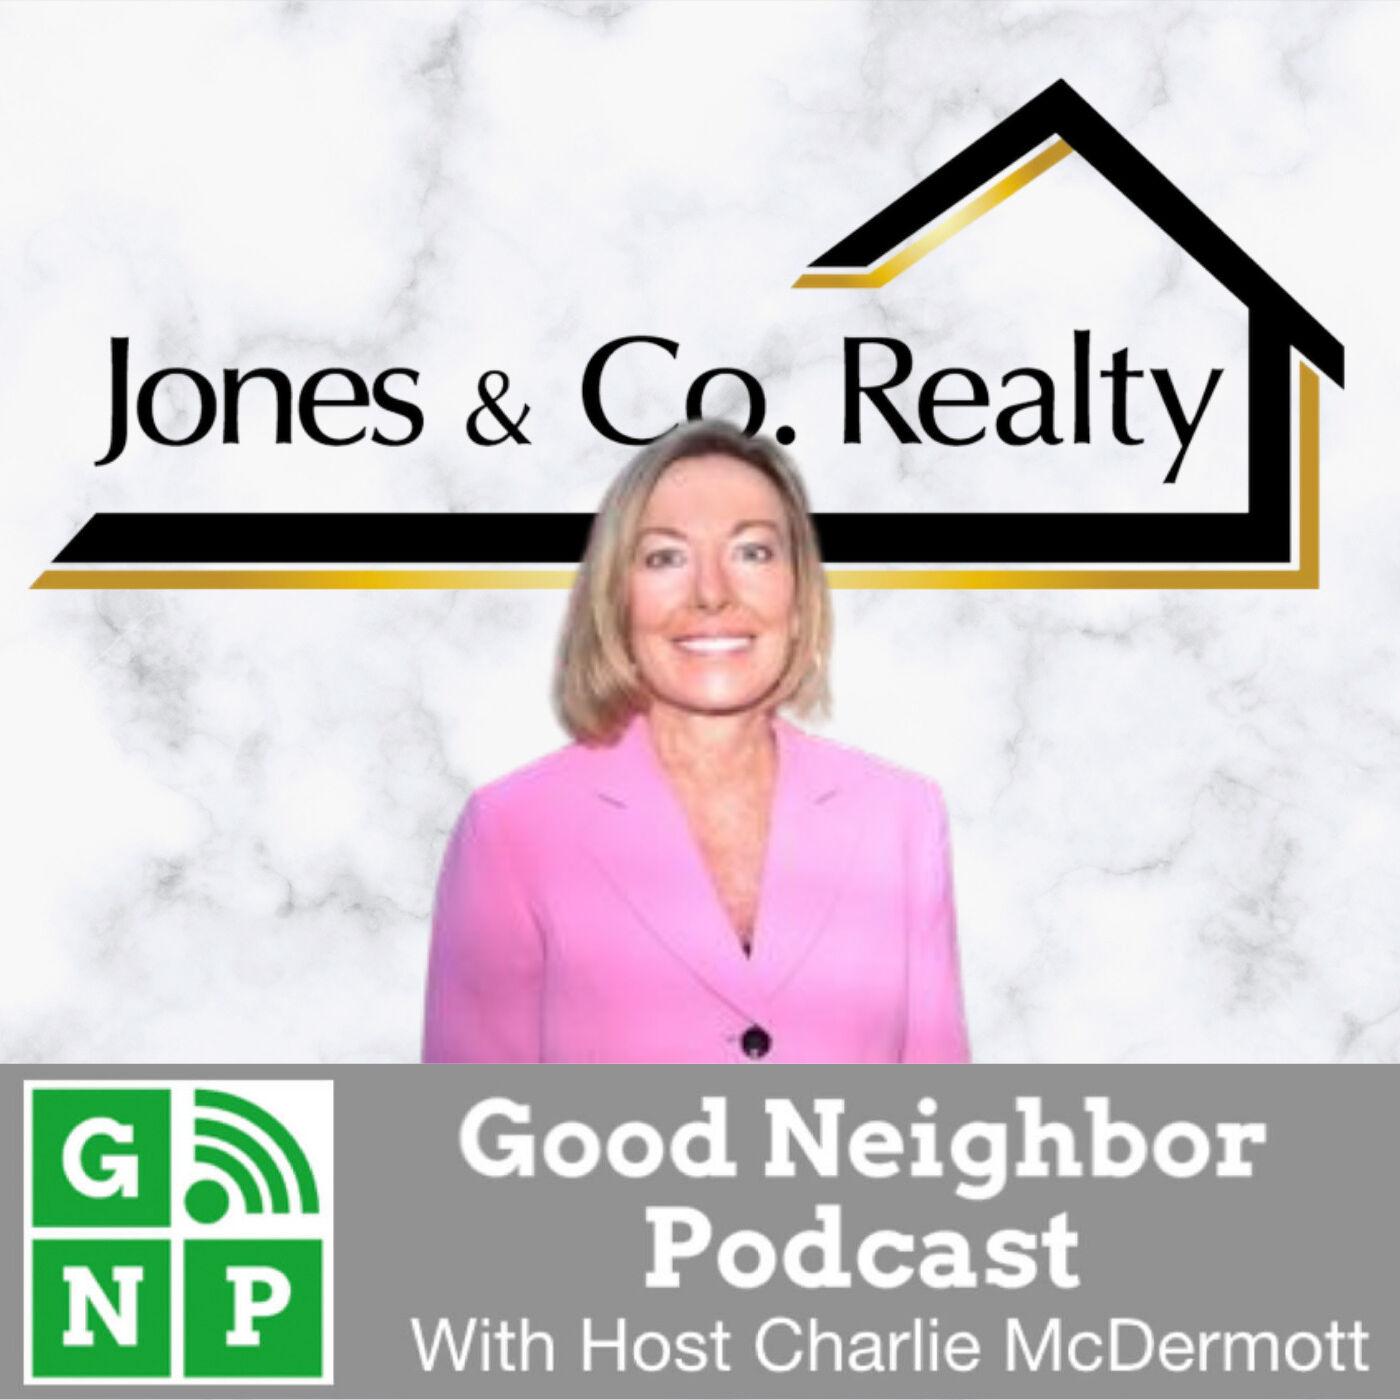 EP #501: Jones & Co Realty with Billee Silva